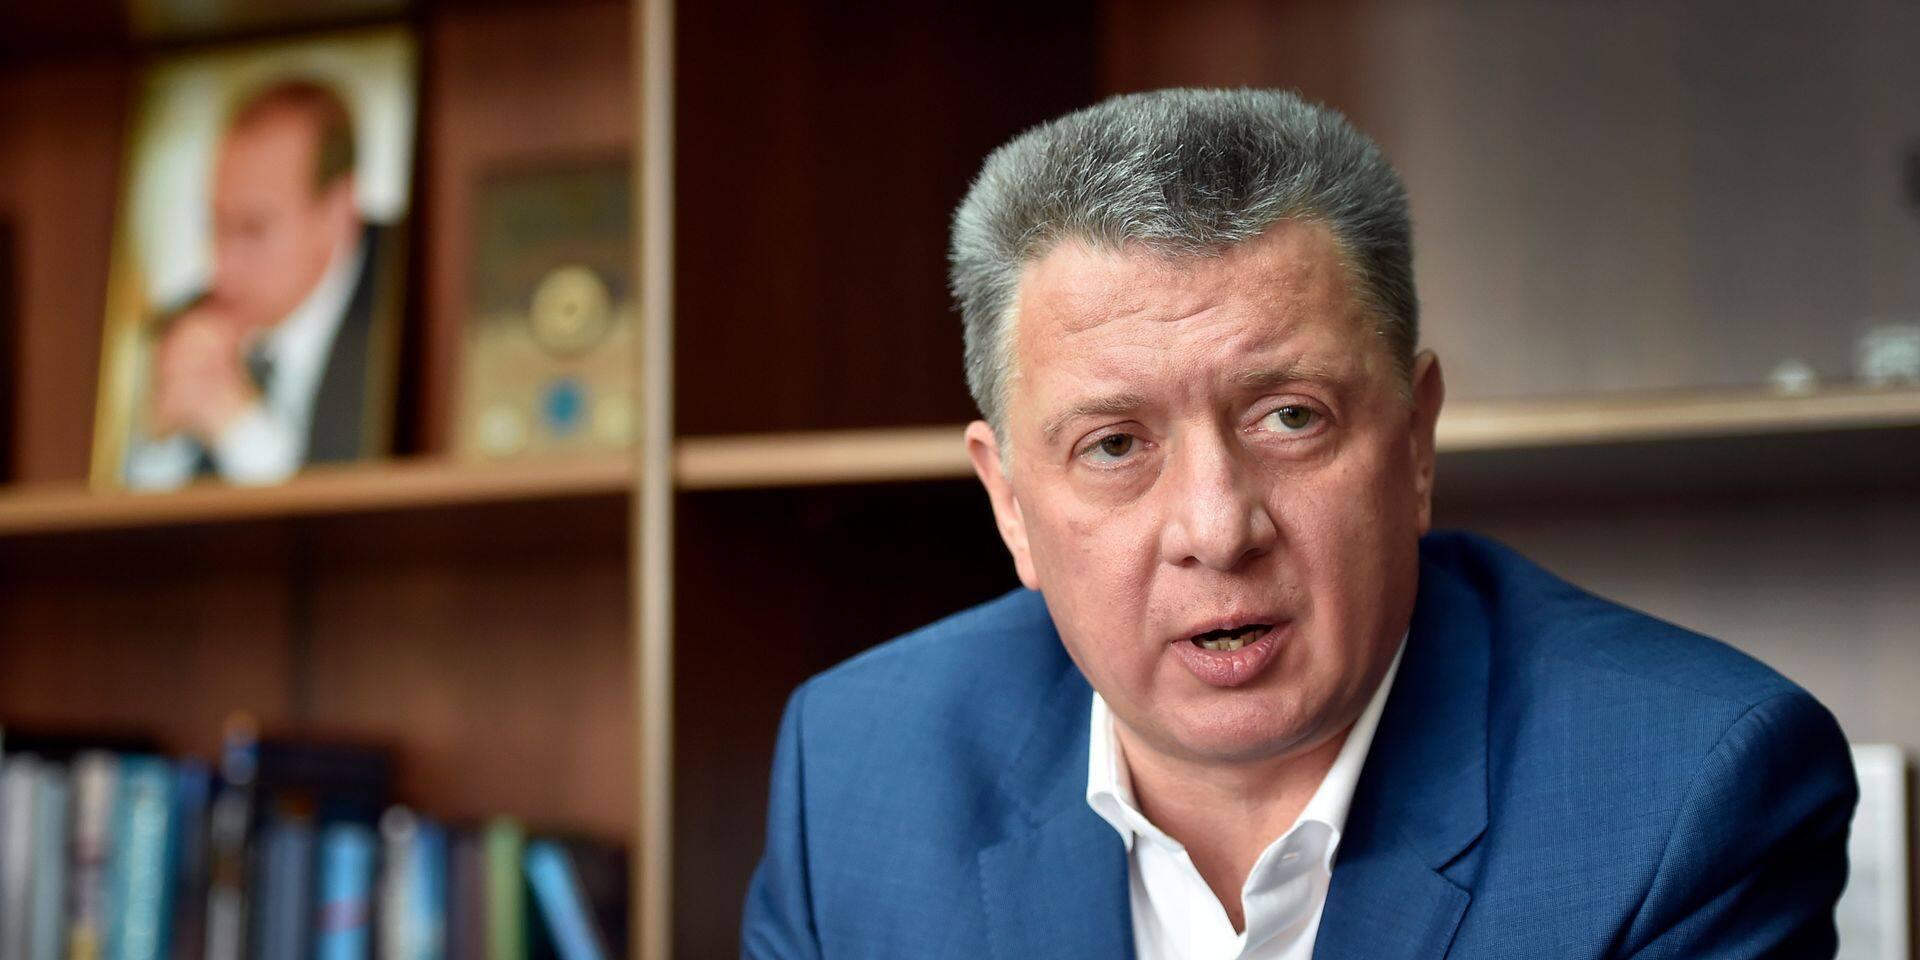 Dopage: Le patron de l'athlétisme russe et des officiels suspendus pour obstruction à une enquête